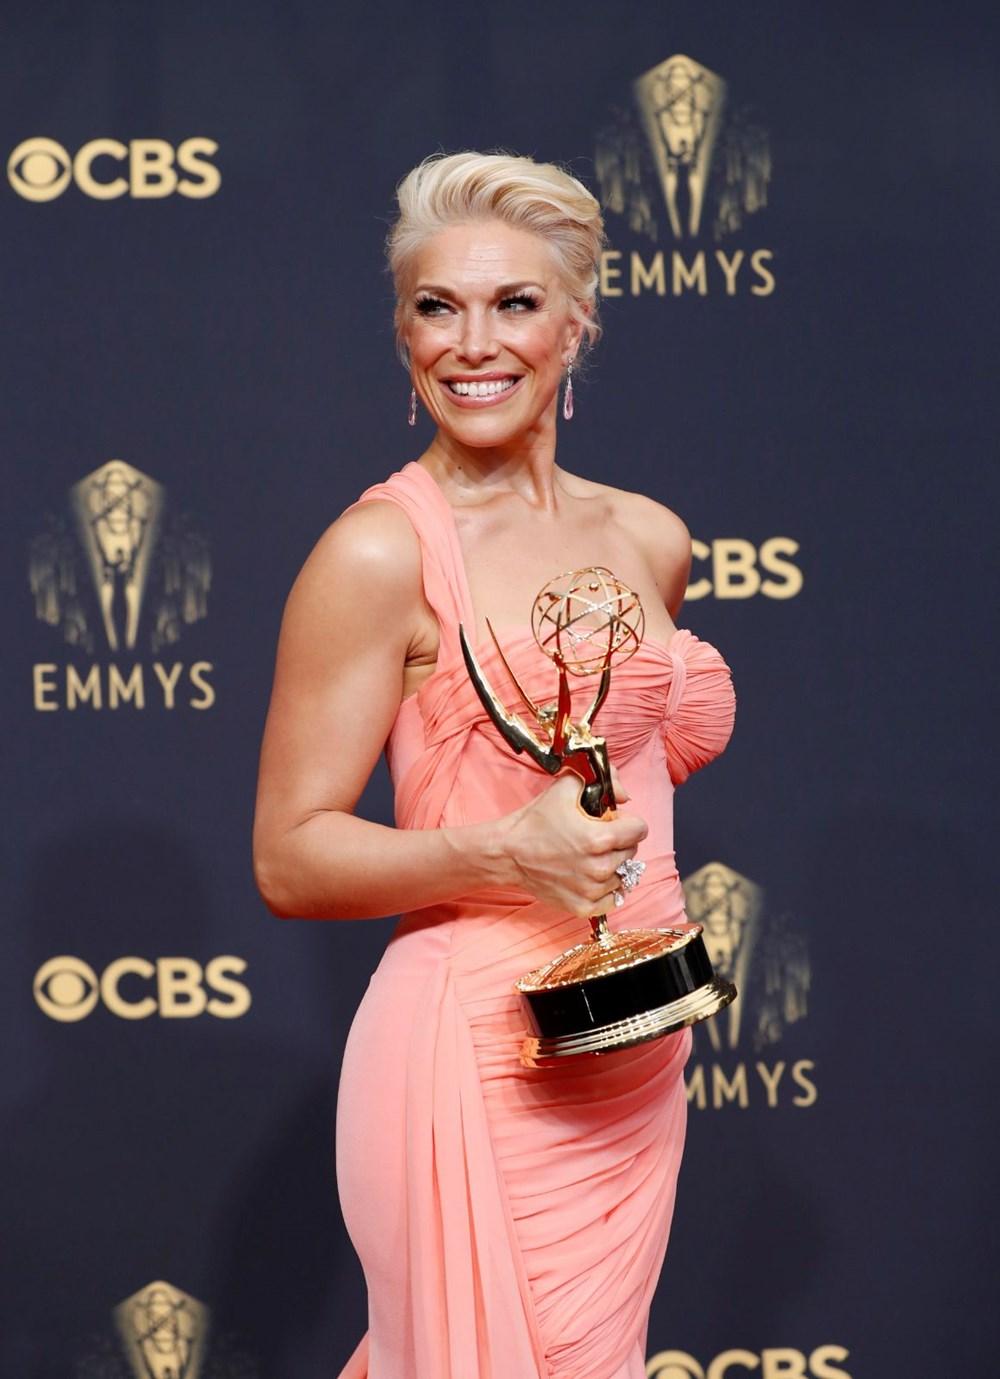 2021 Emmy Ödülleri'nin sahipleri belli oldu (73. Emmy Ödülleri'ni kazananlar) - 8